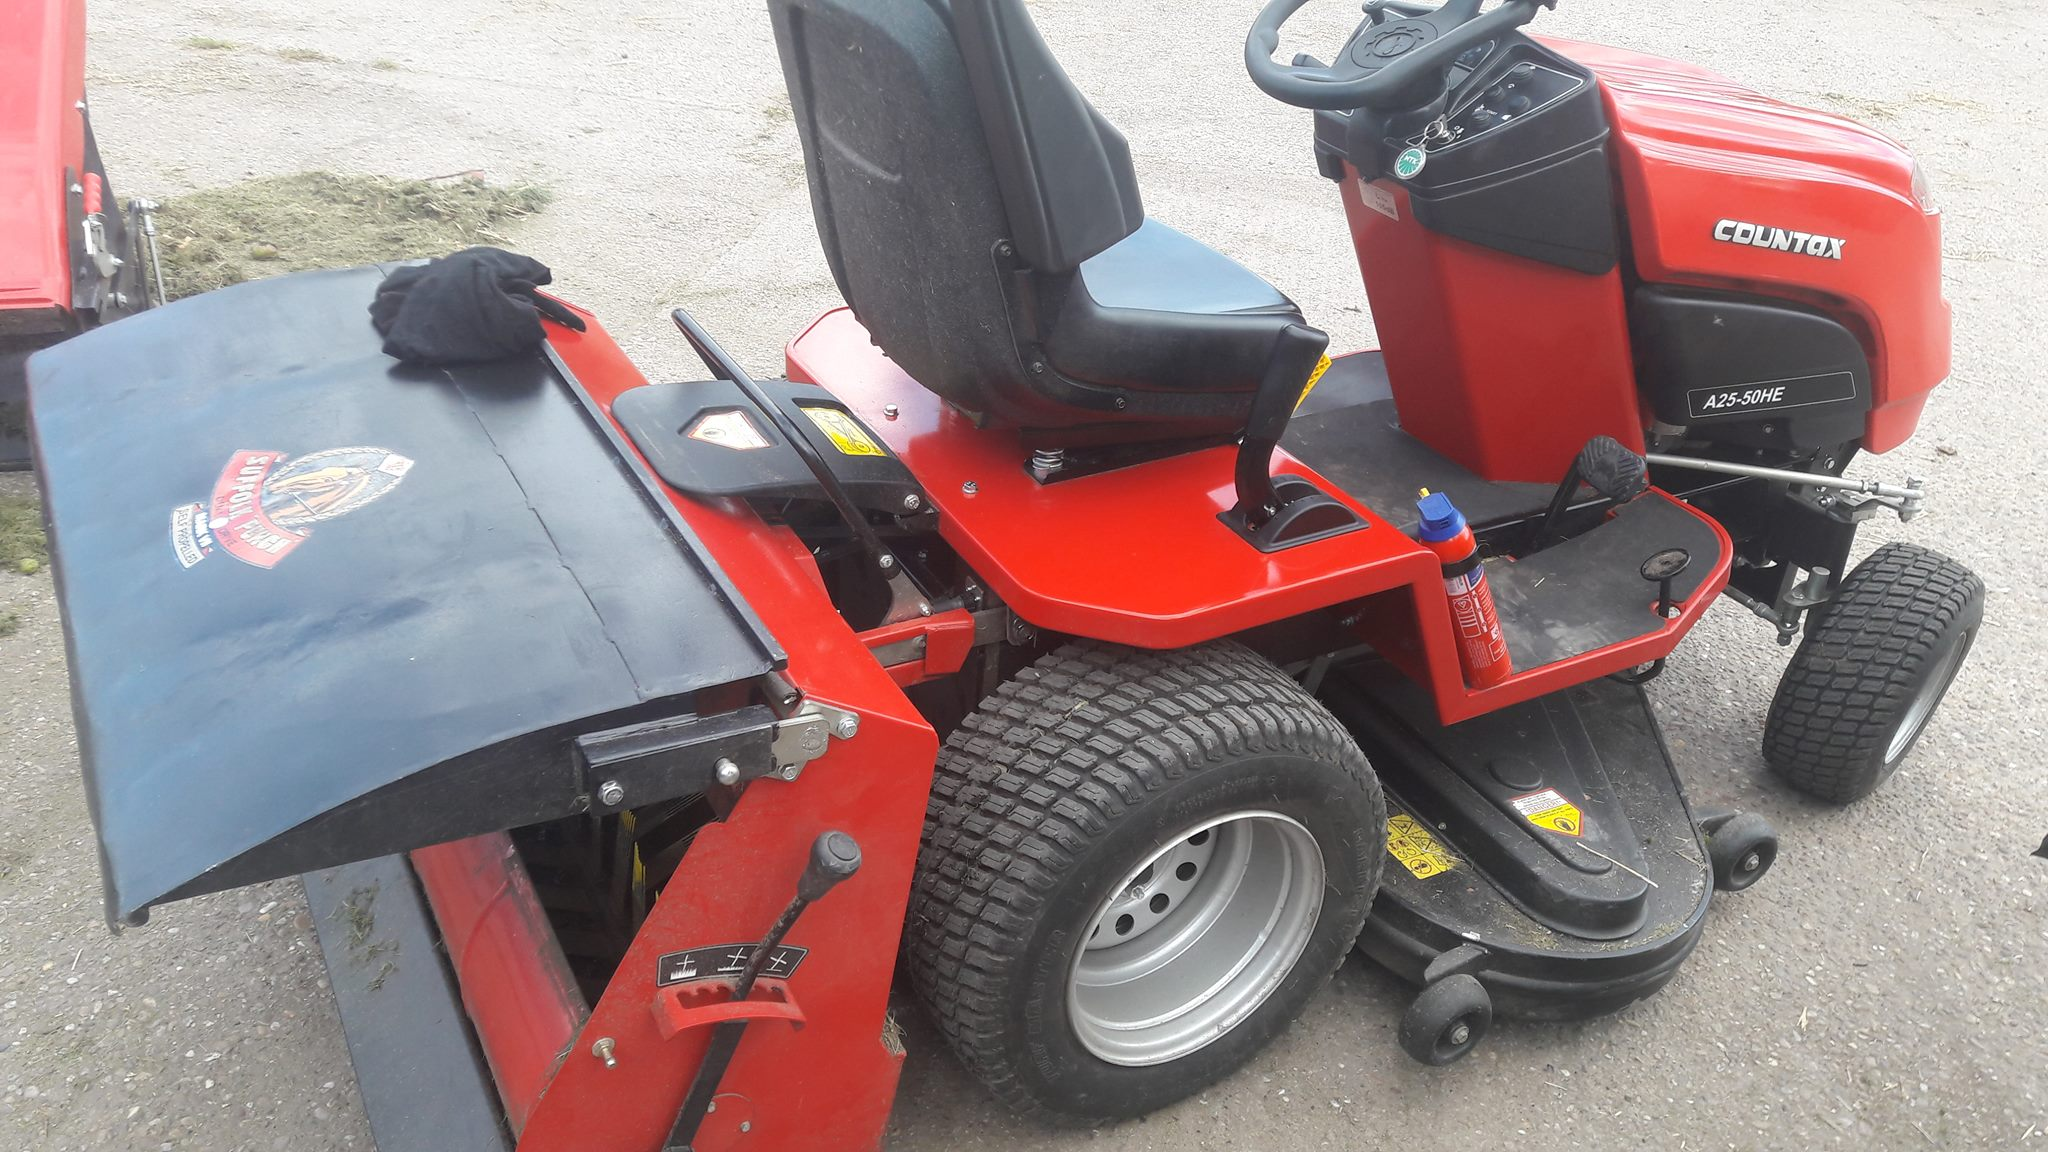 Countax garden tractor